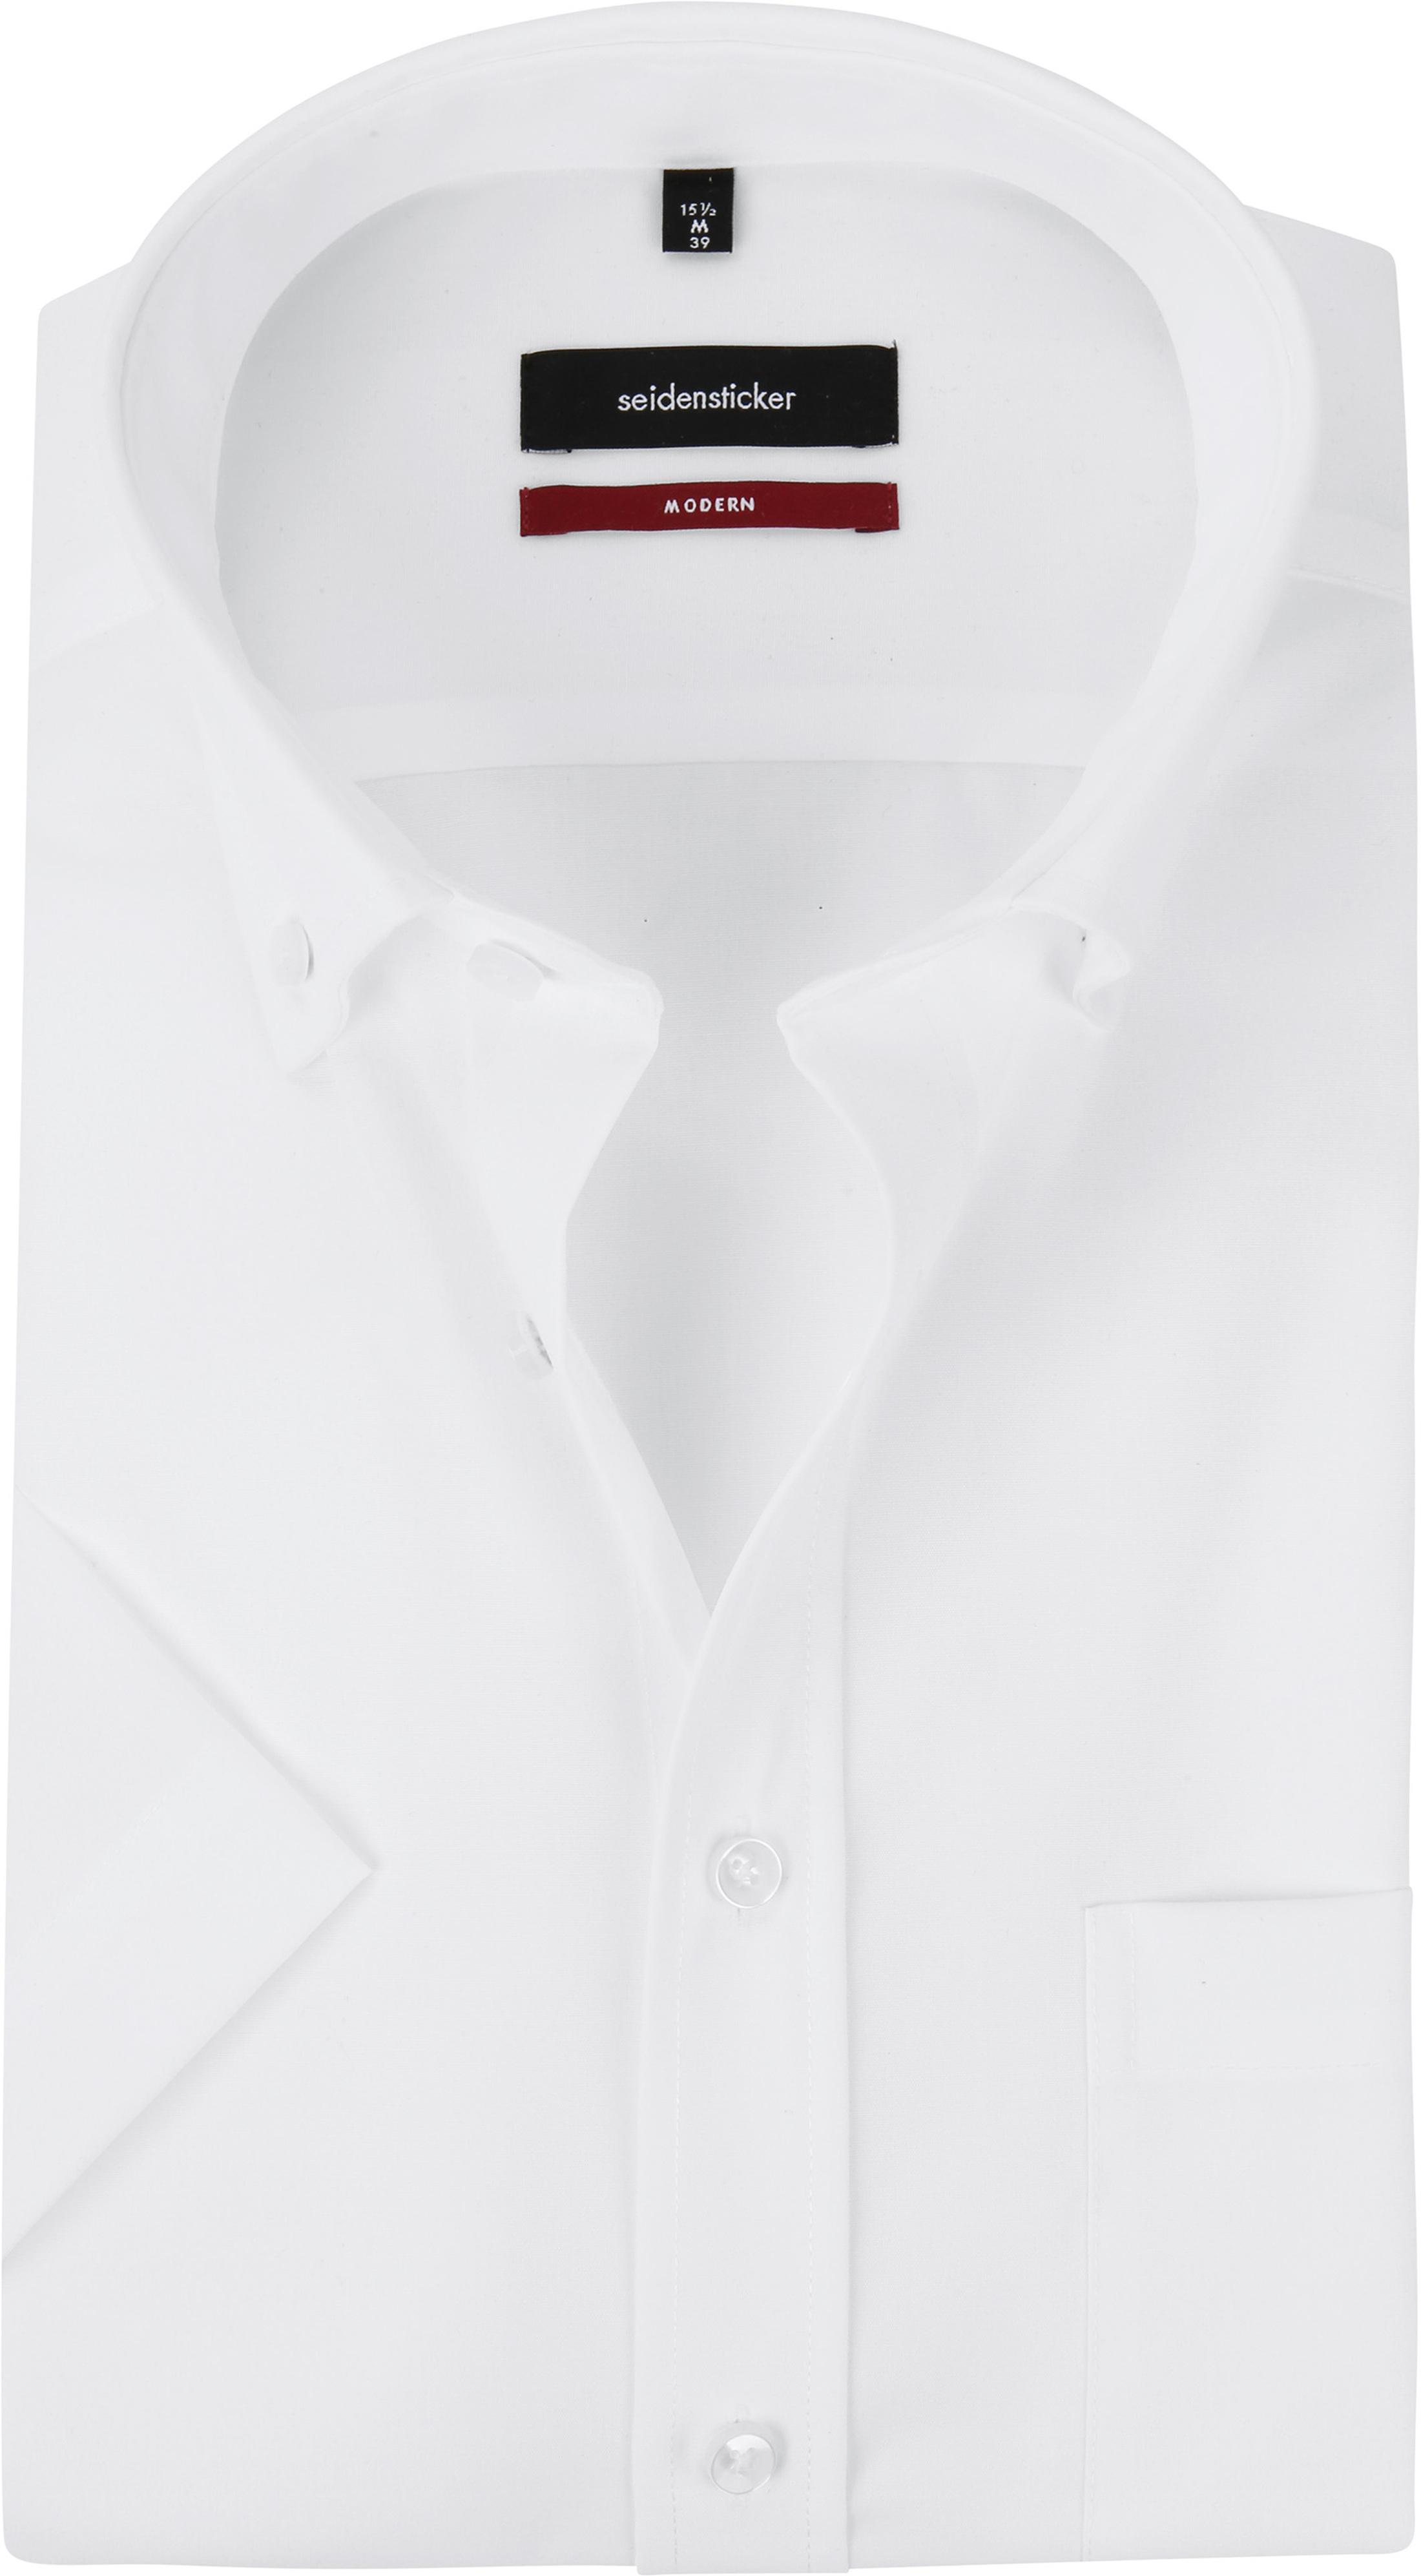 Seidensticker Splendesto Korte Mouw Hemd Wit